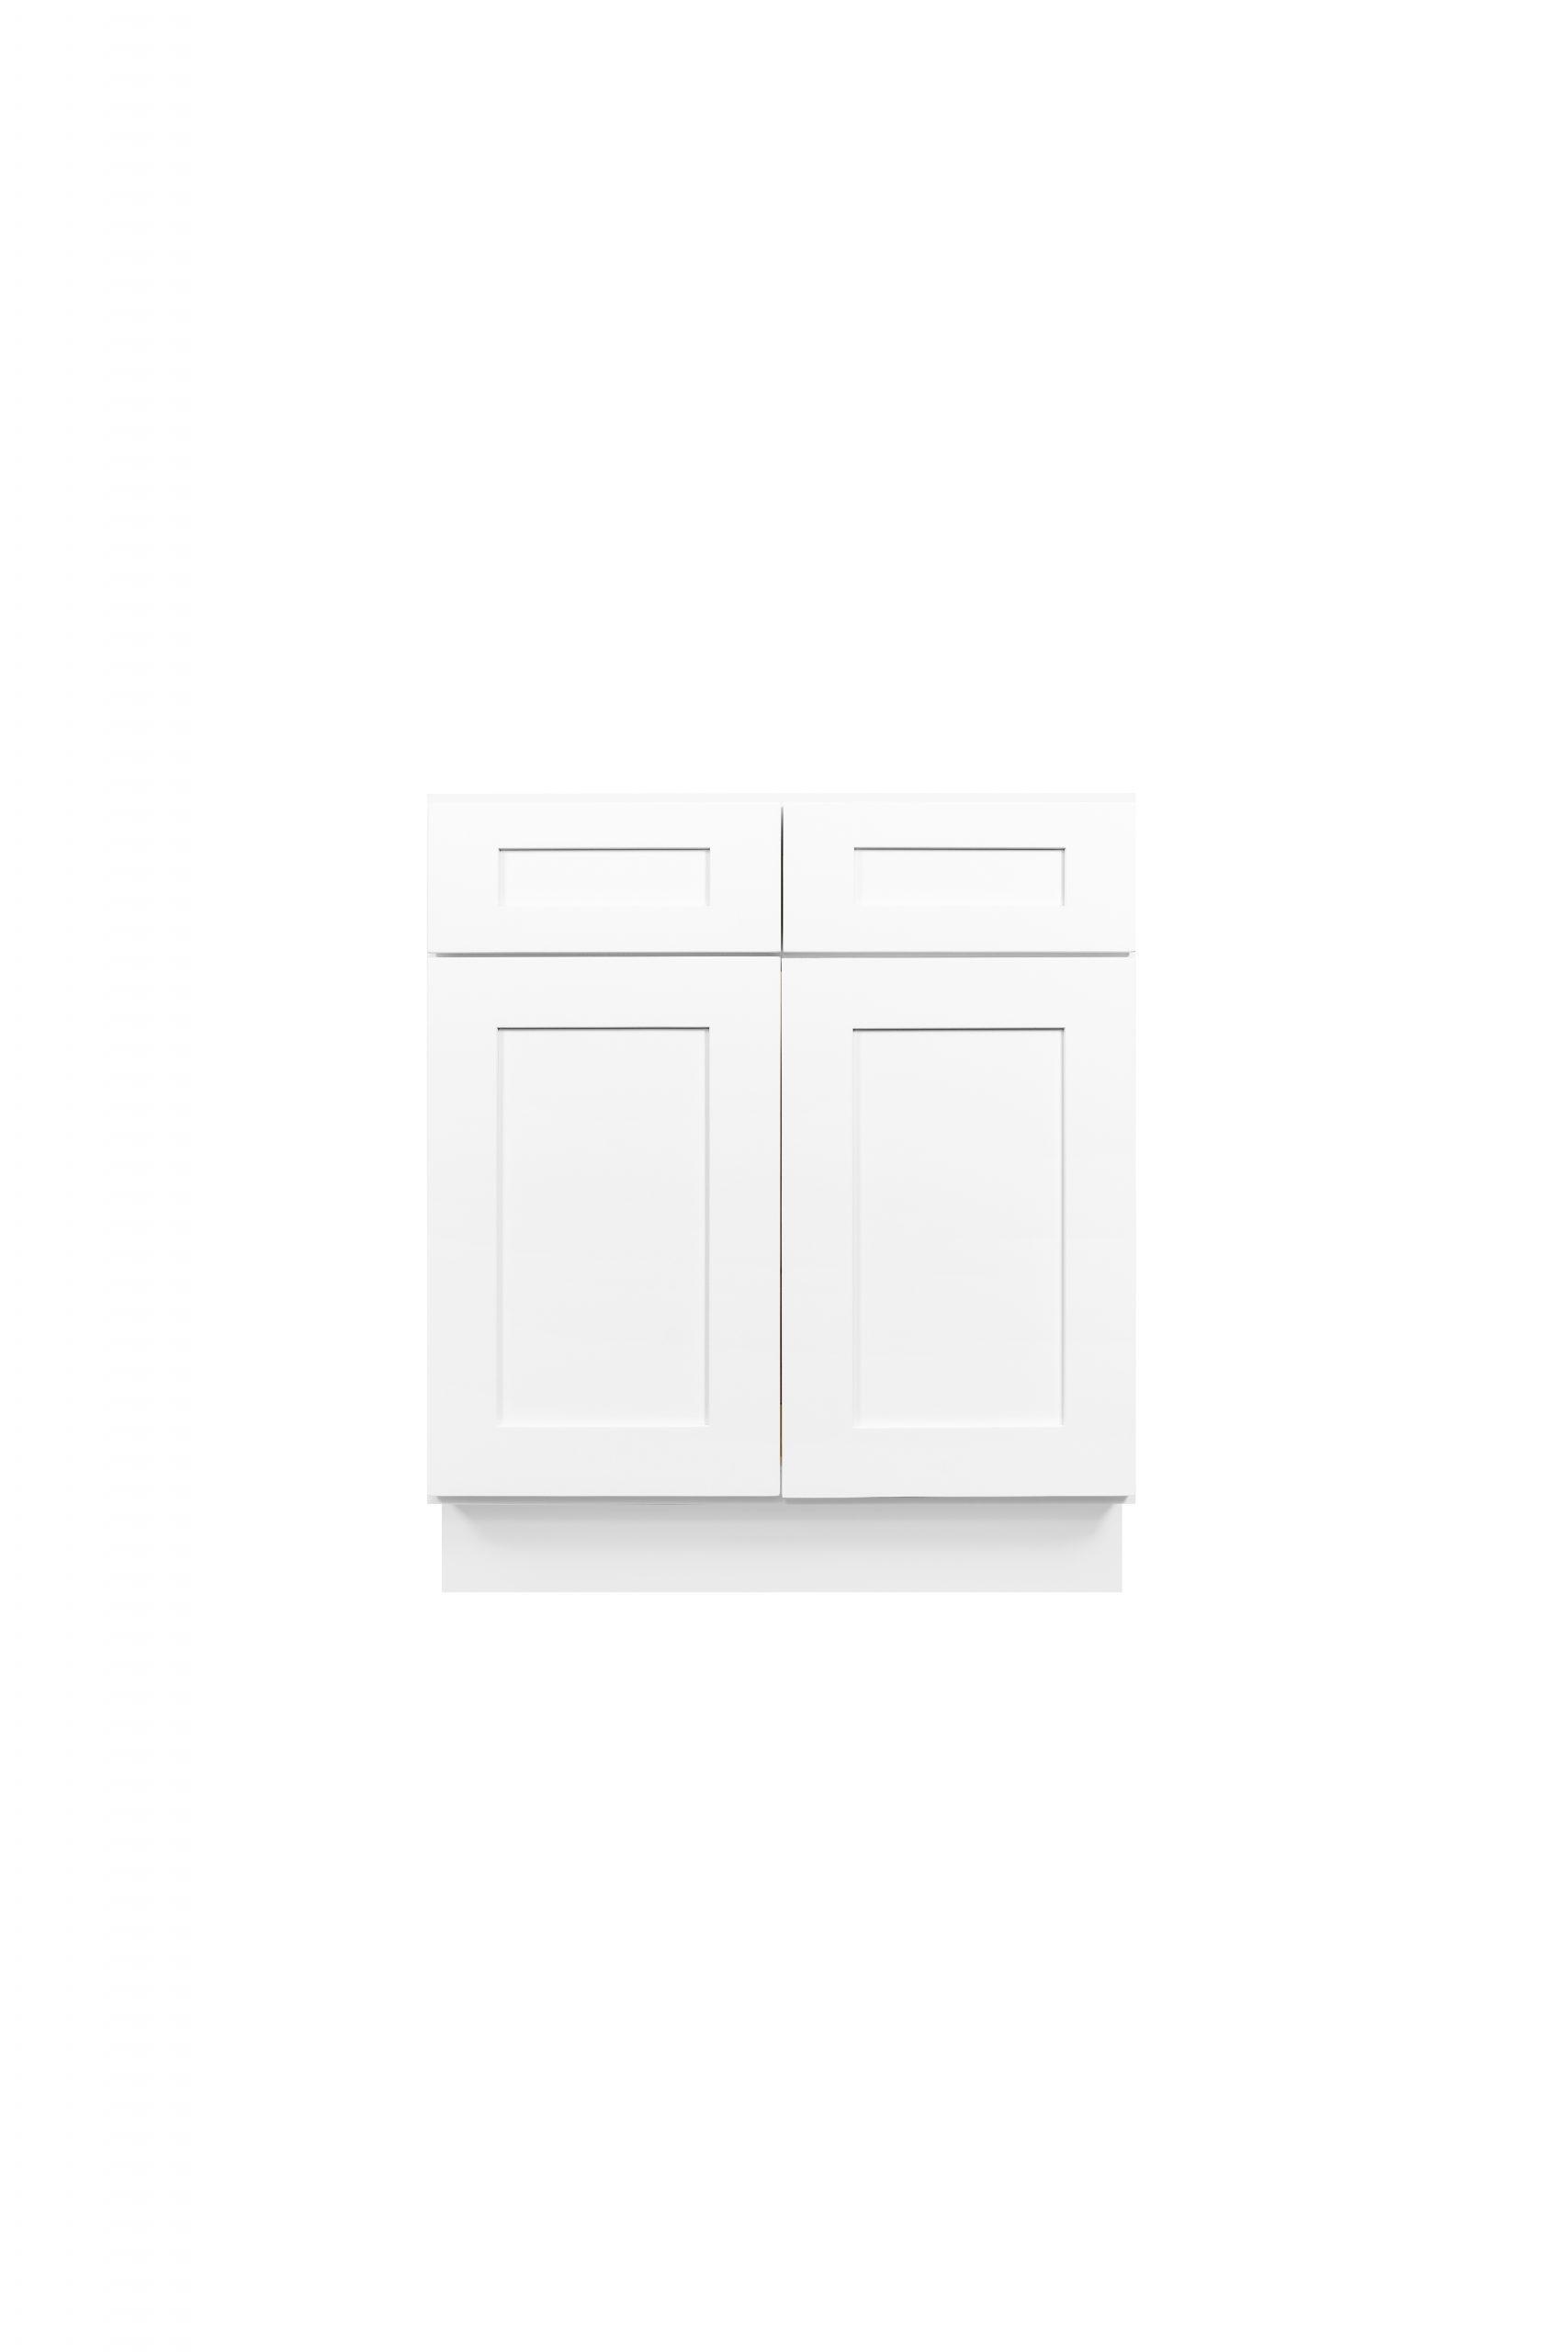 White Shaker Cabinetry VA24, VA27, VA30, VA36